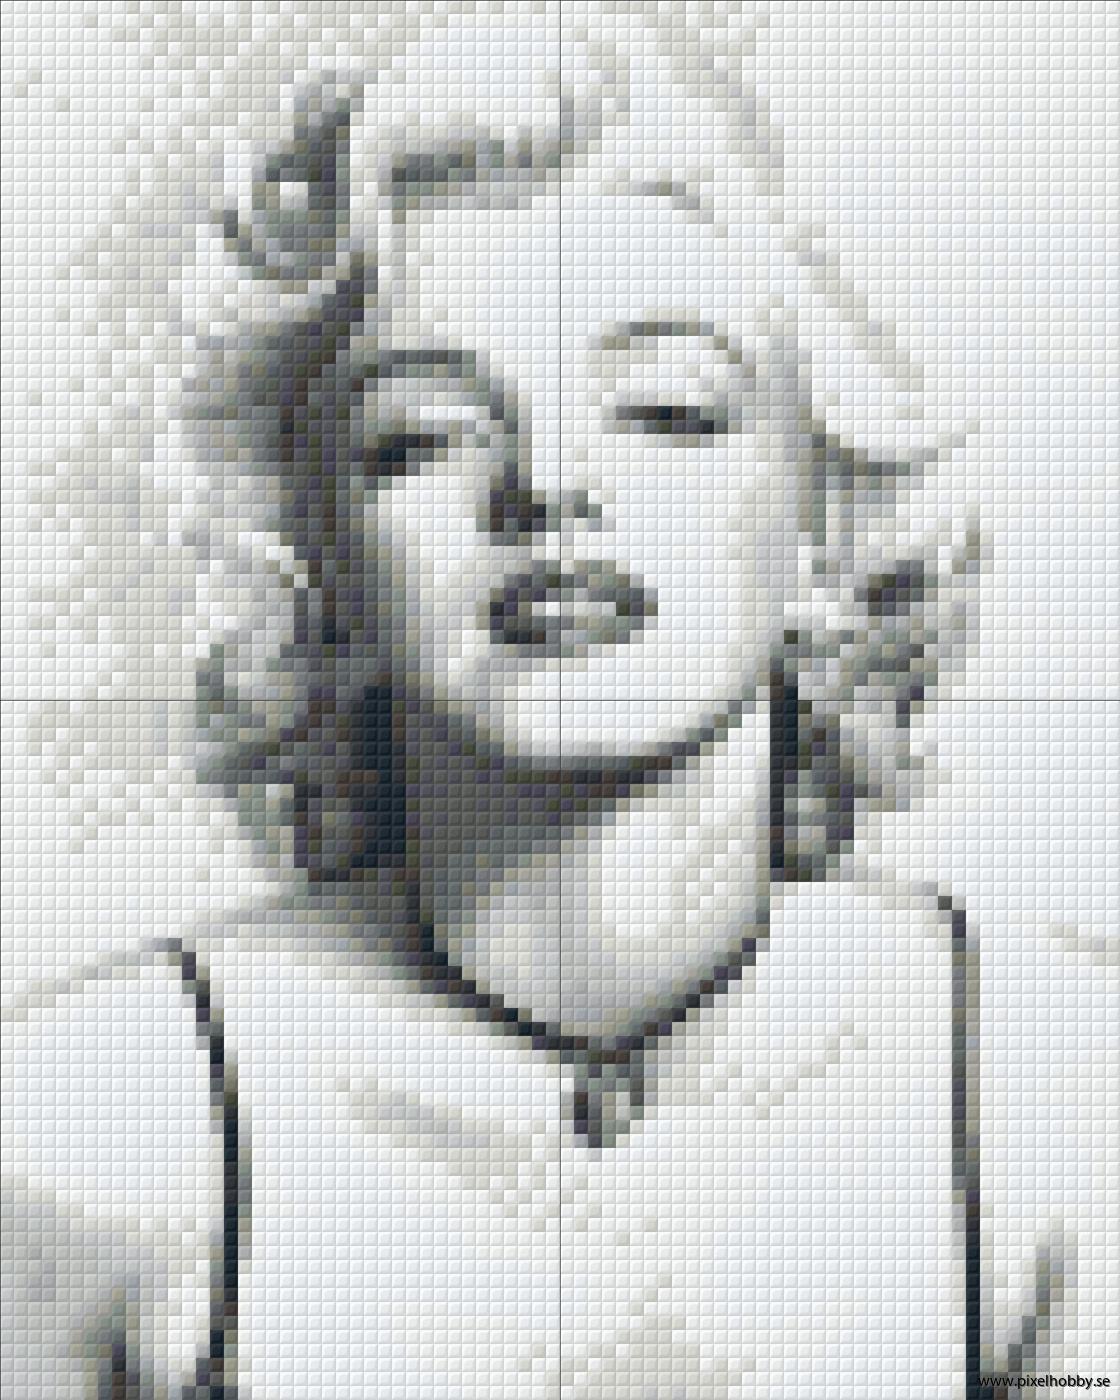 Marilyn Monroe 4rbp.phd